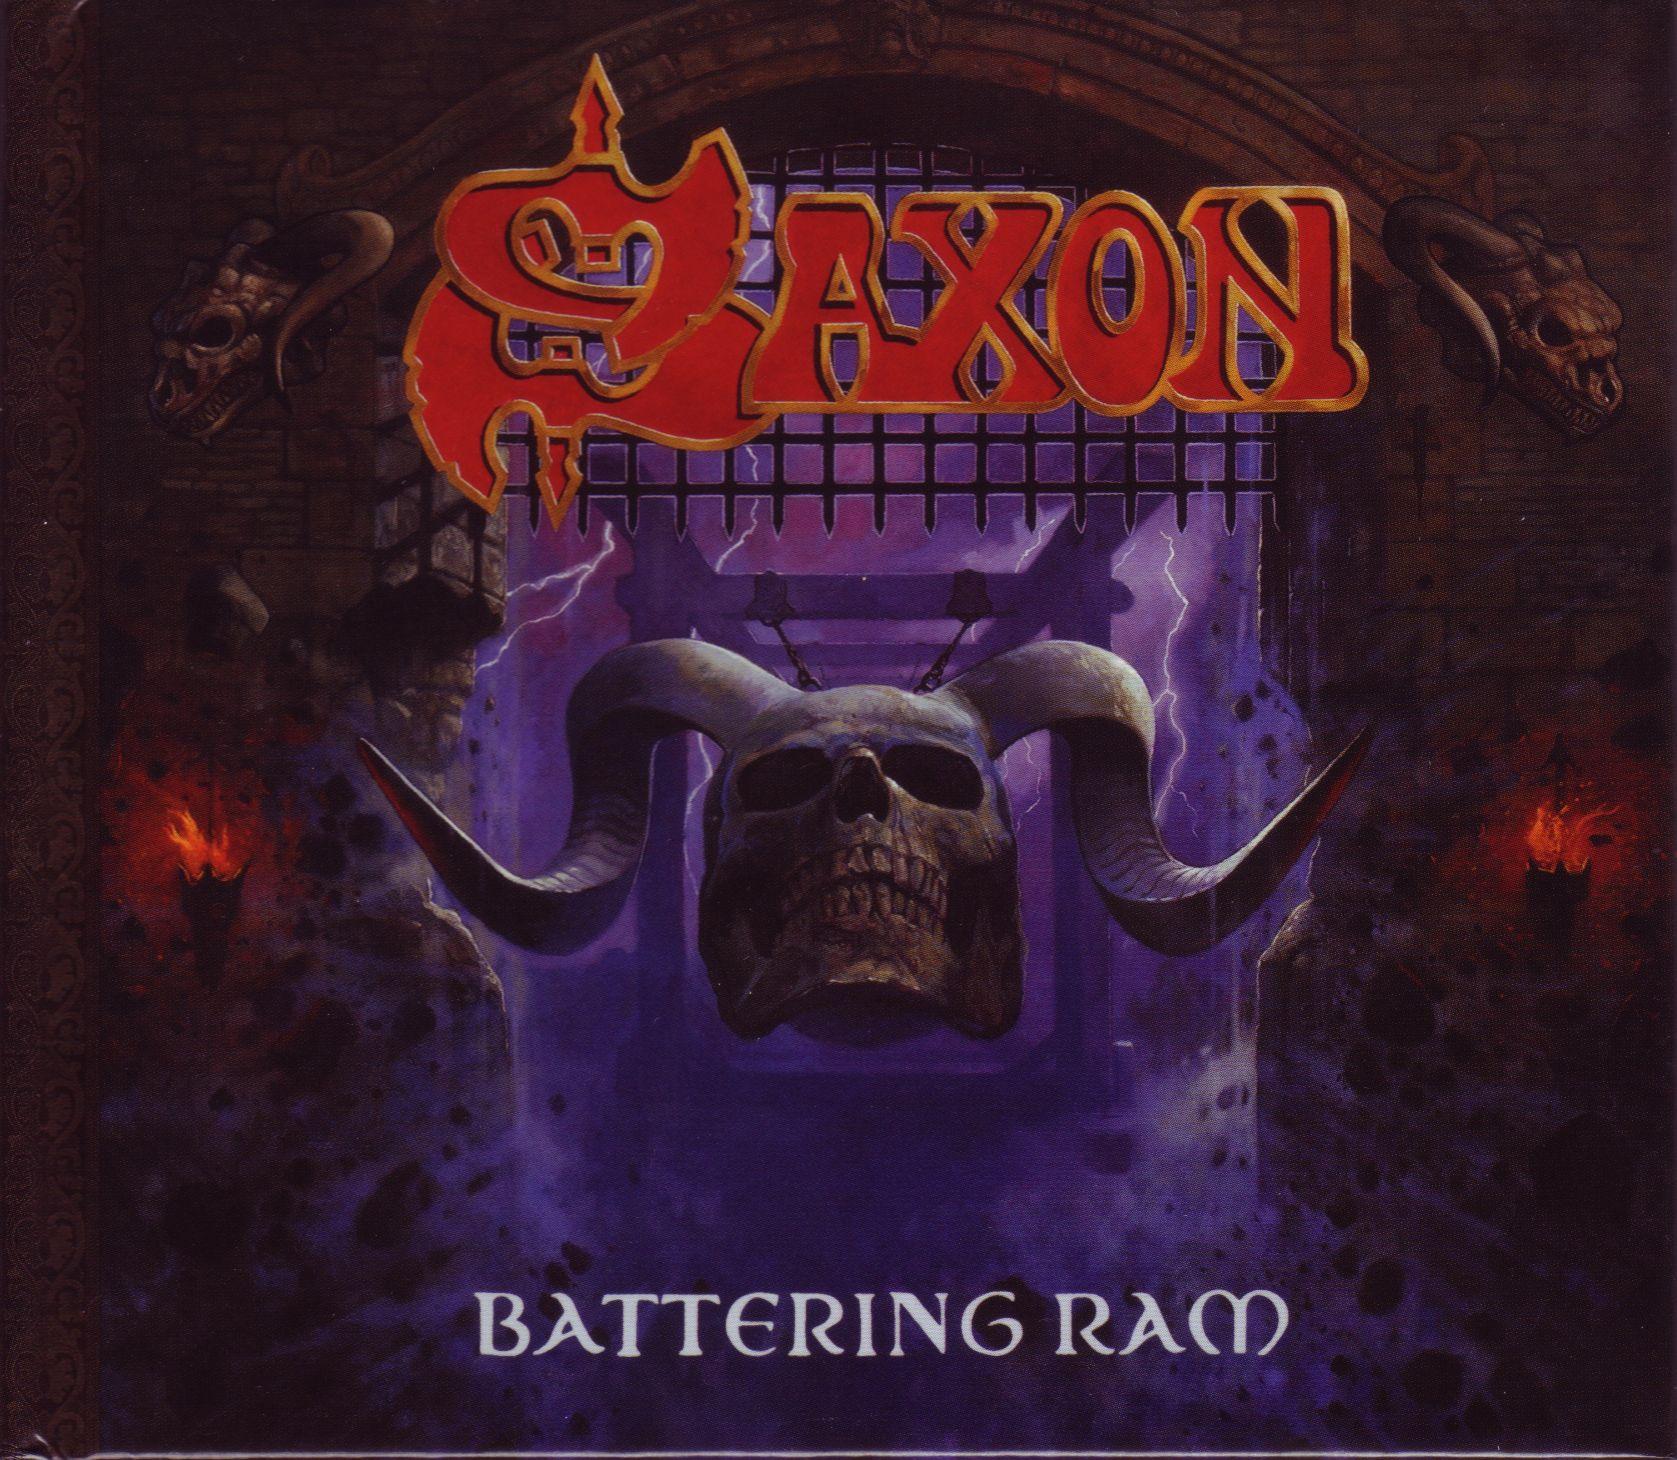 Saxon - Battering Ram album cover